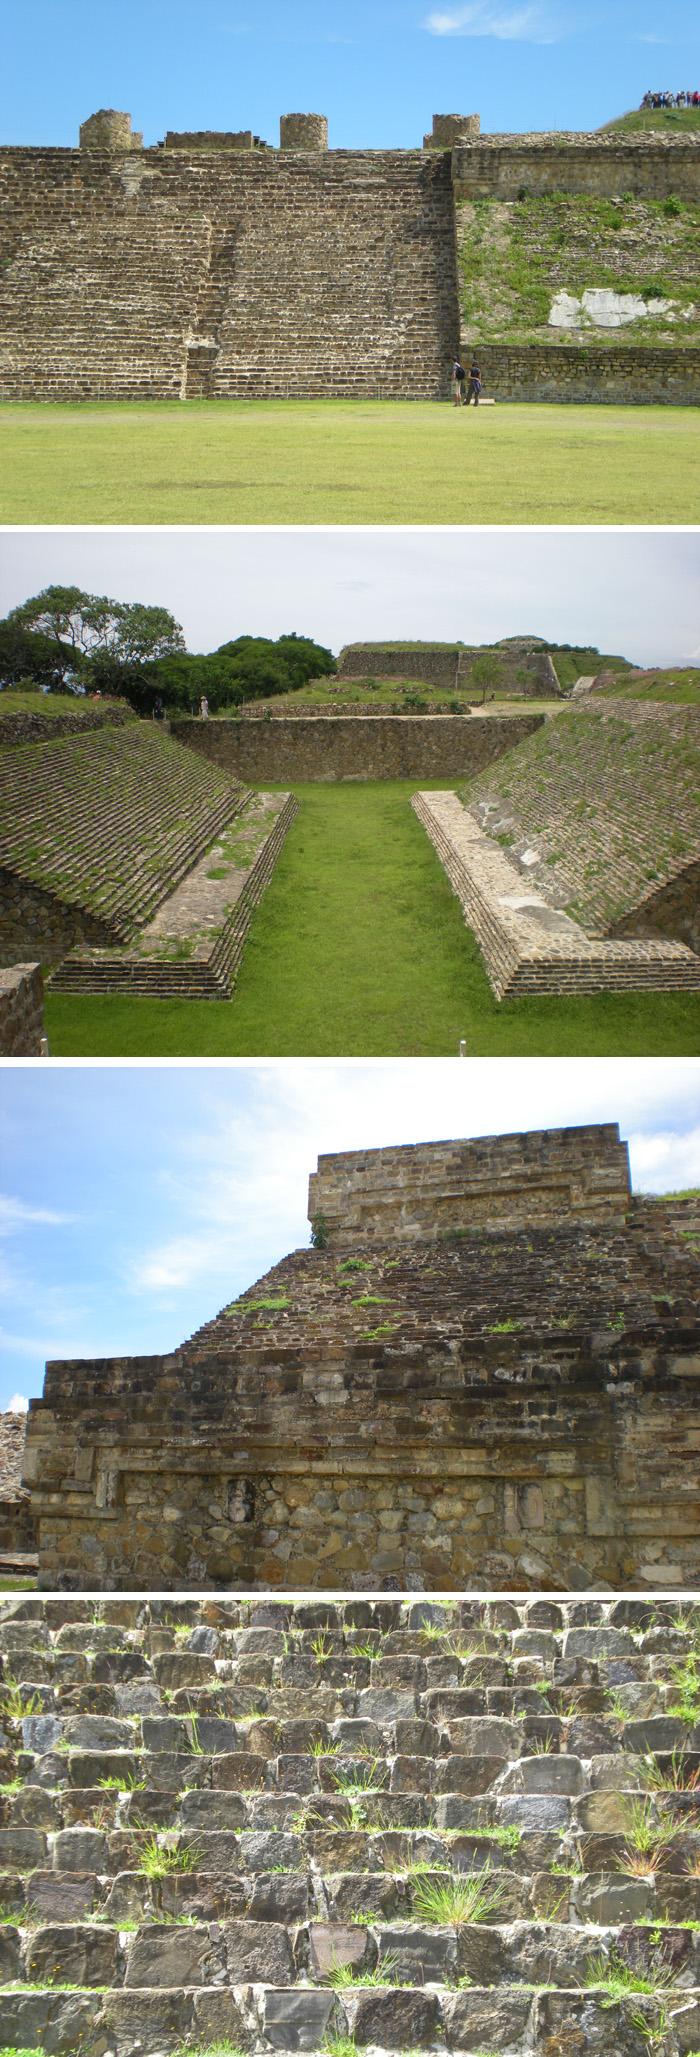 몬테알반은 잔디로 덮혀있다. 하지만 역설적으로 잔디는 폐허의 상징일 뿐이다.